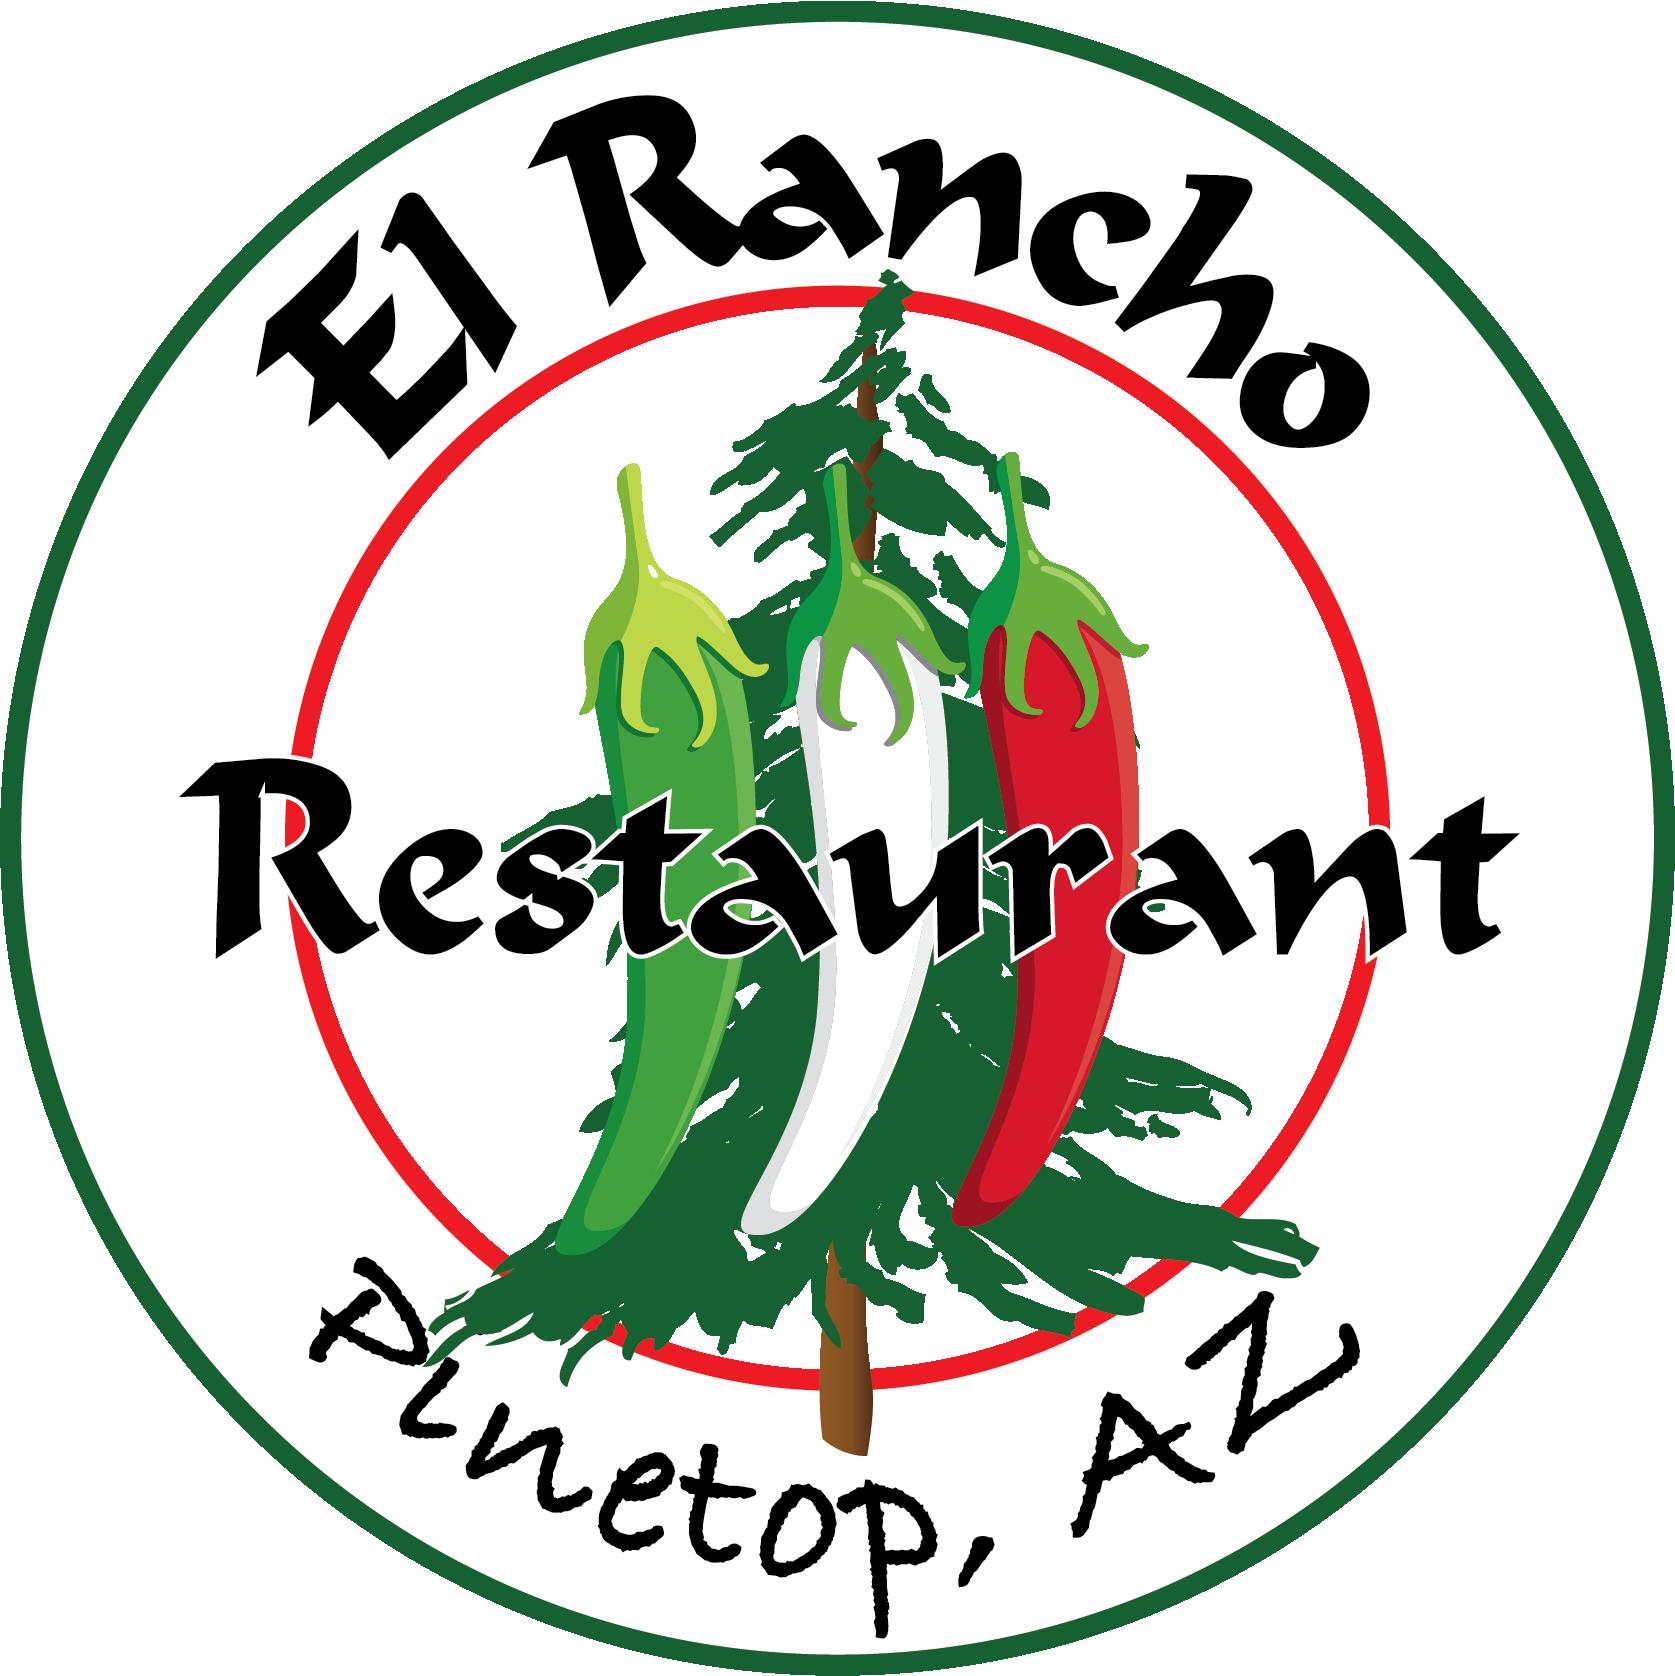 El Rancho Restaurant logo (image)